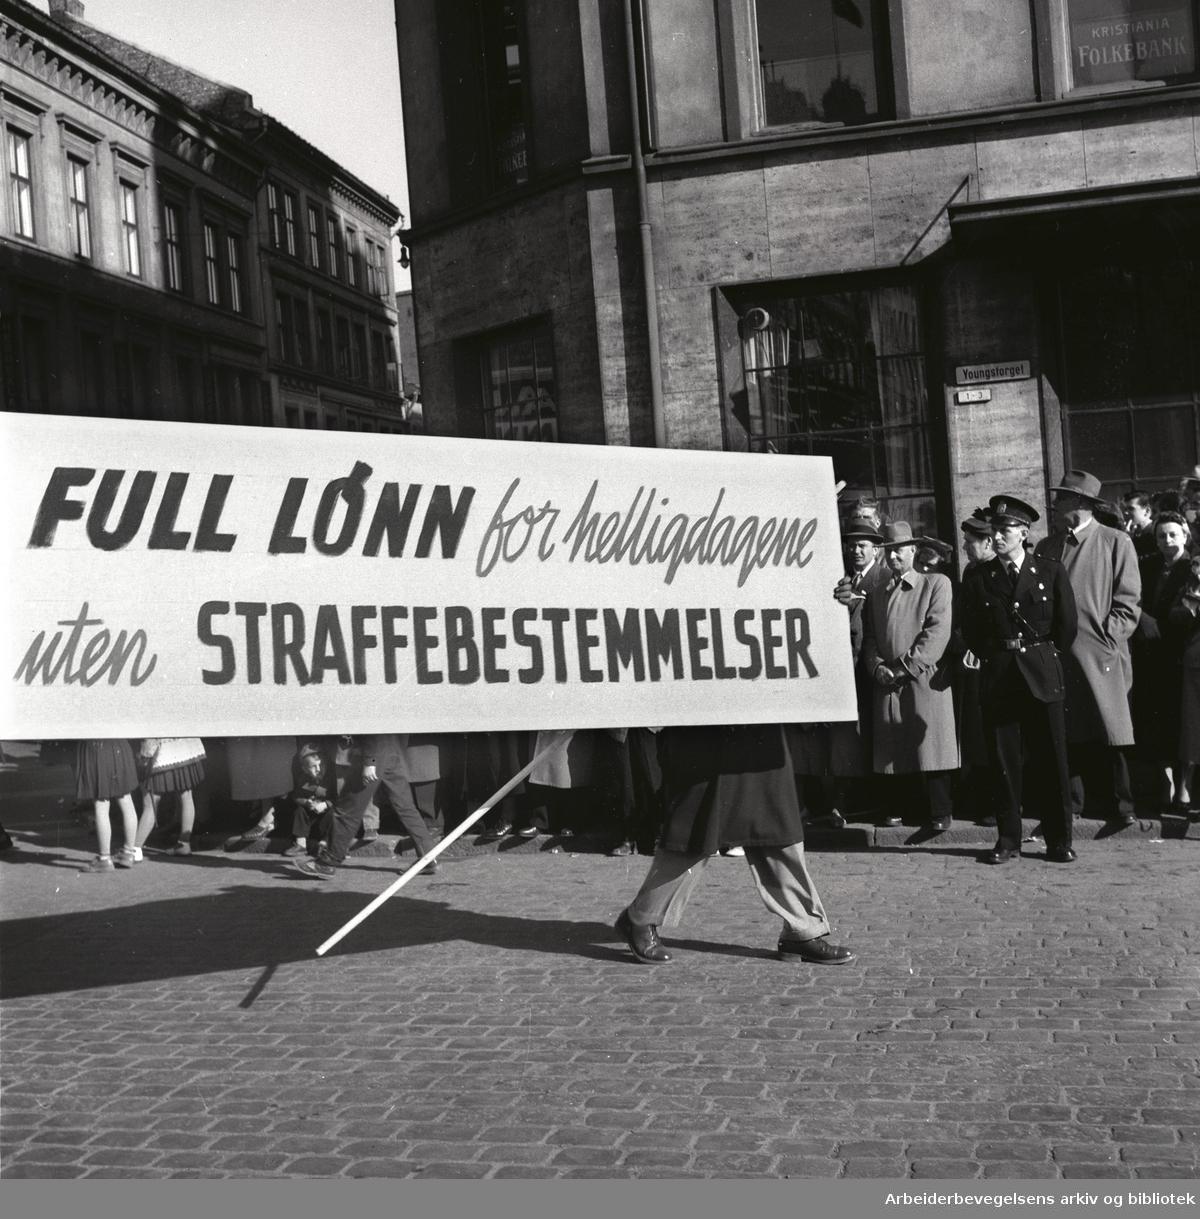 1. mai 1956, demonstrasjonstoget på Youngstorget. Parole: Full lønn for helligdagene uten straffebestemmelser.